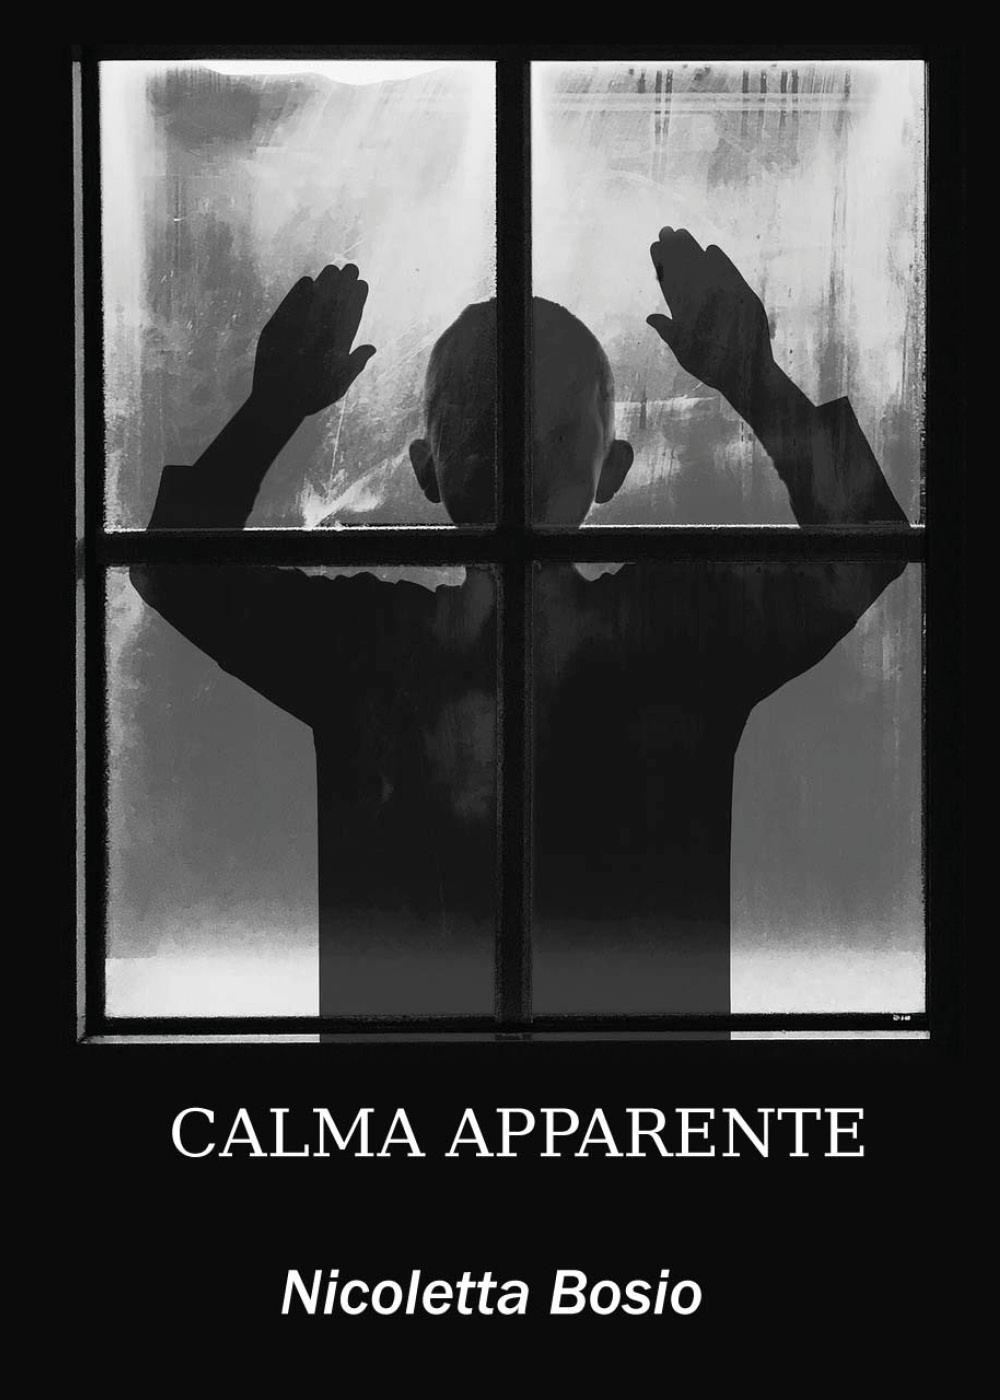 Calma apparente